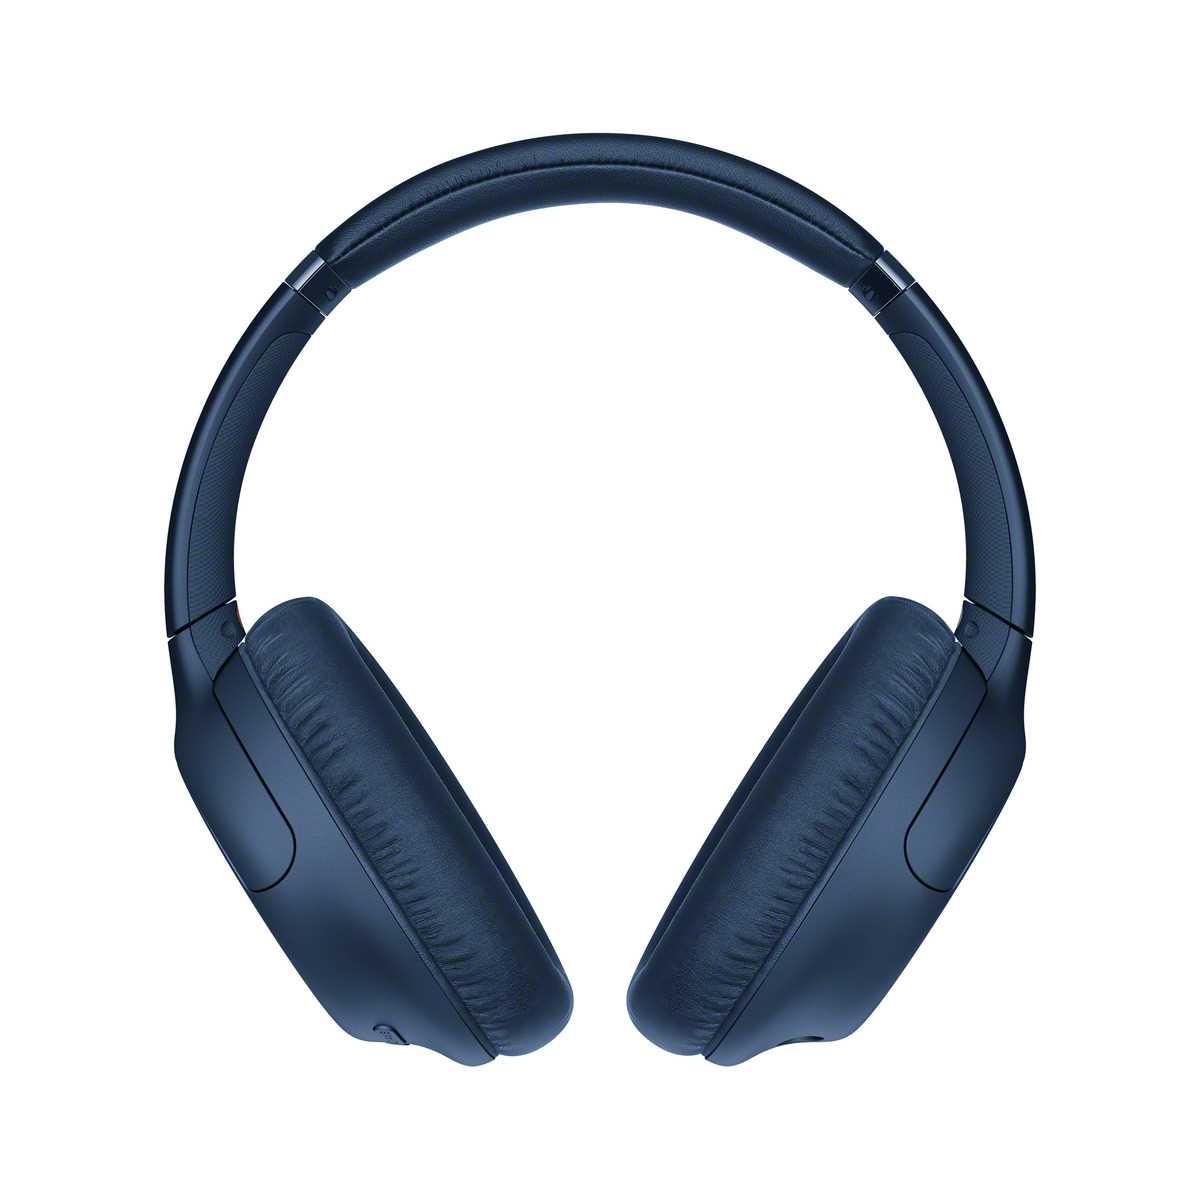 אוזניות Sony WH-CH710NL Bluetooth סוני כחולות - תמונה 3